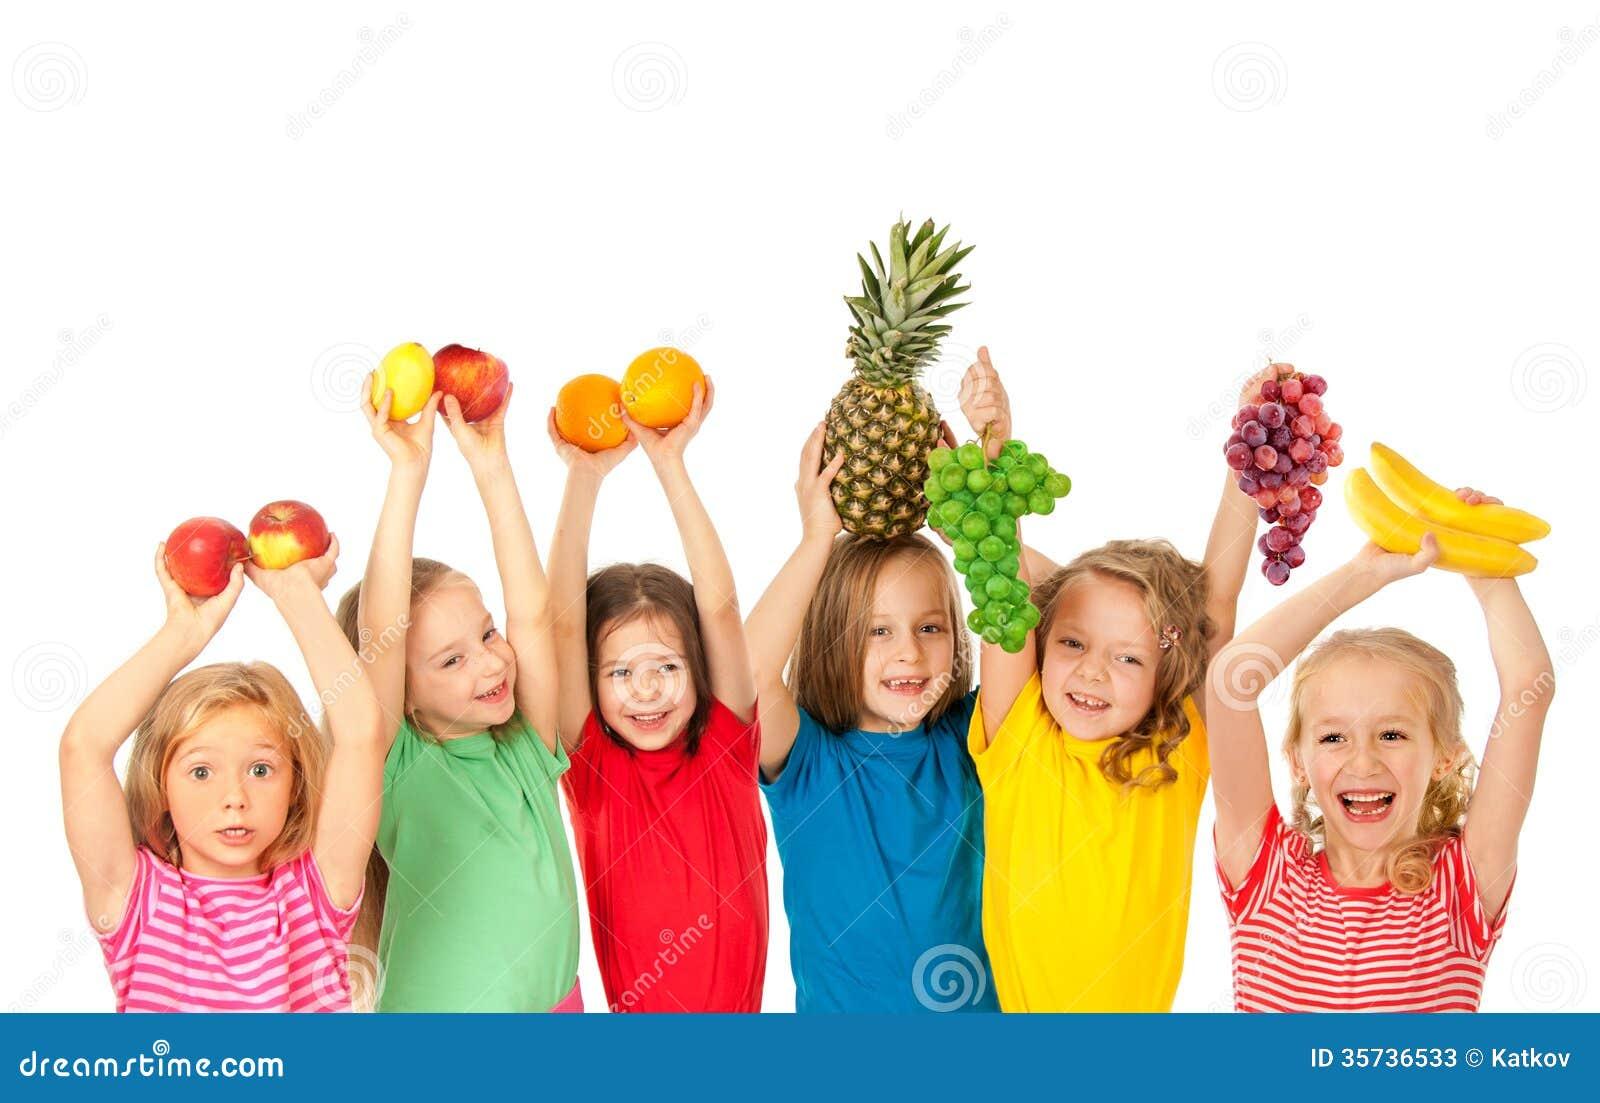 Bambini felici con i frutti